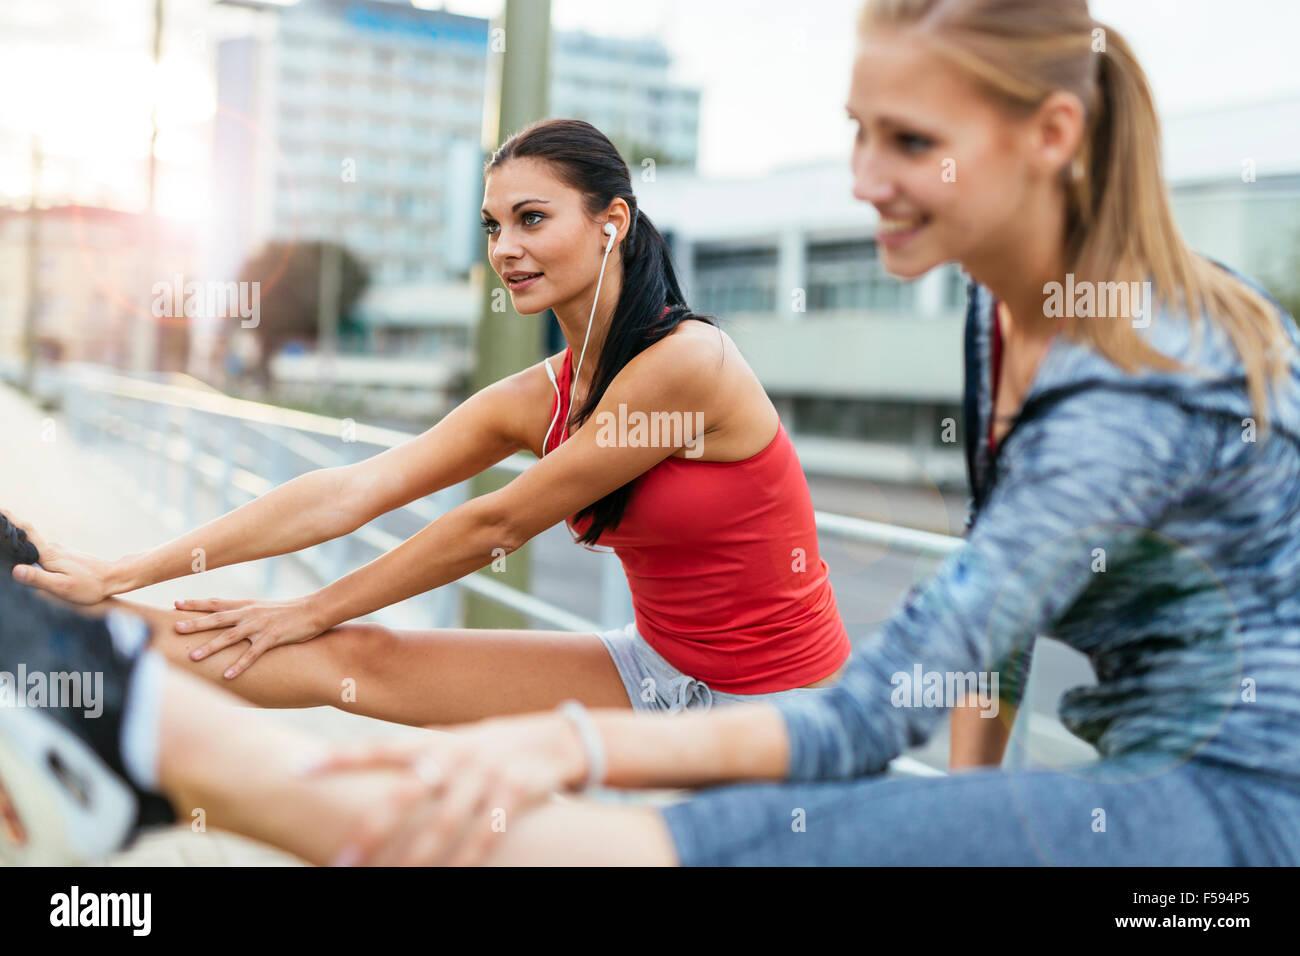 In fase di riscaldamento per jogging mediante stiramento muscolare dei piedi Immagini Stock